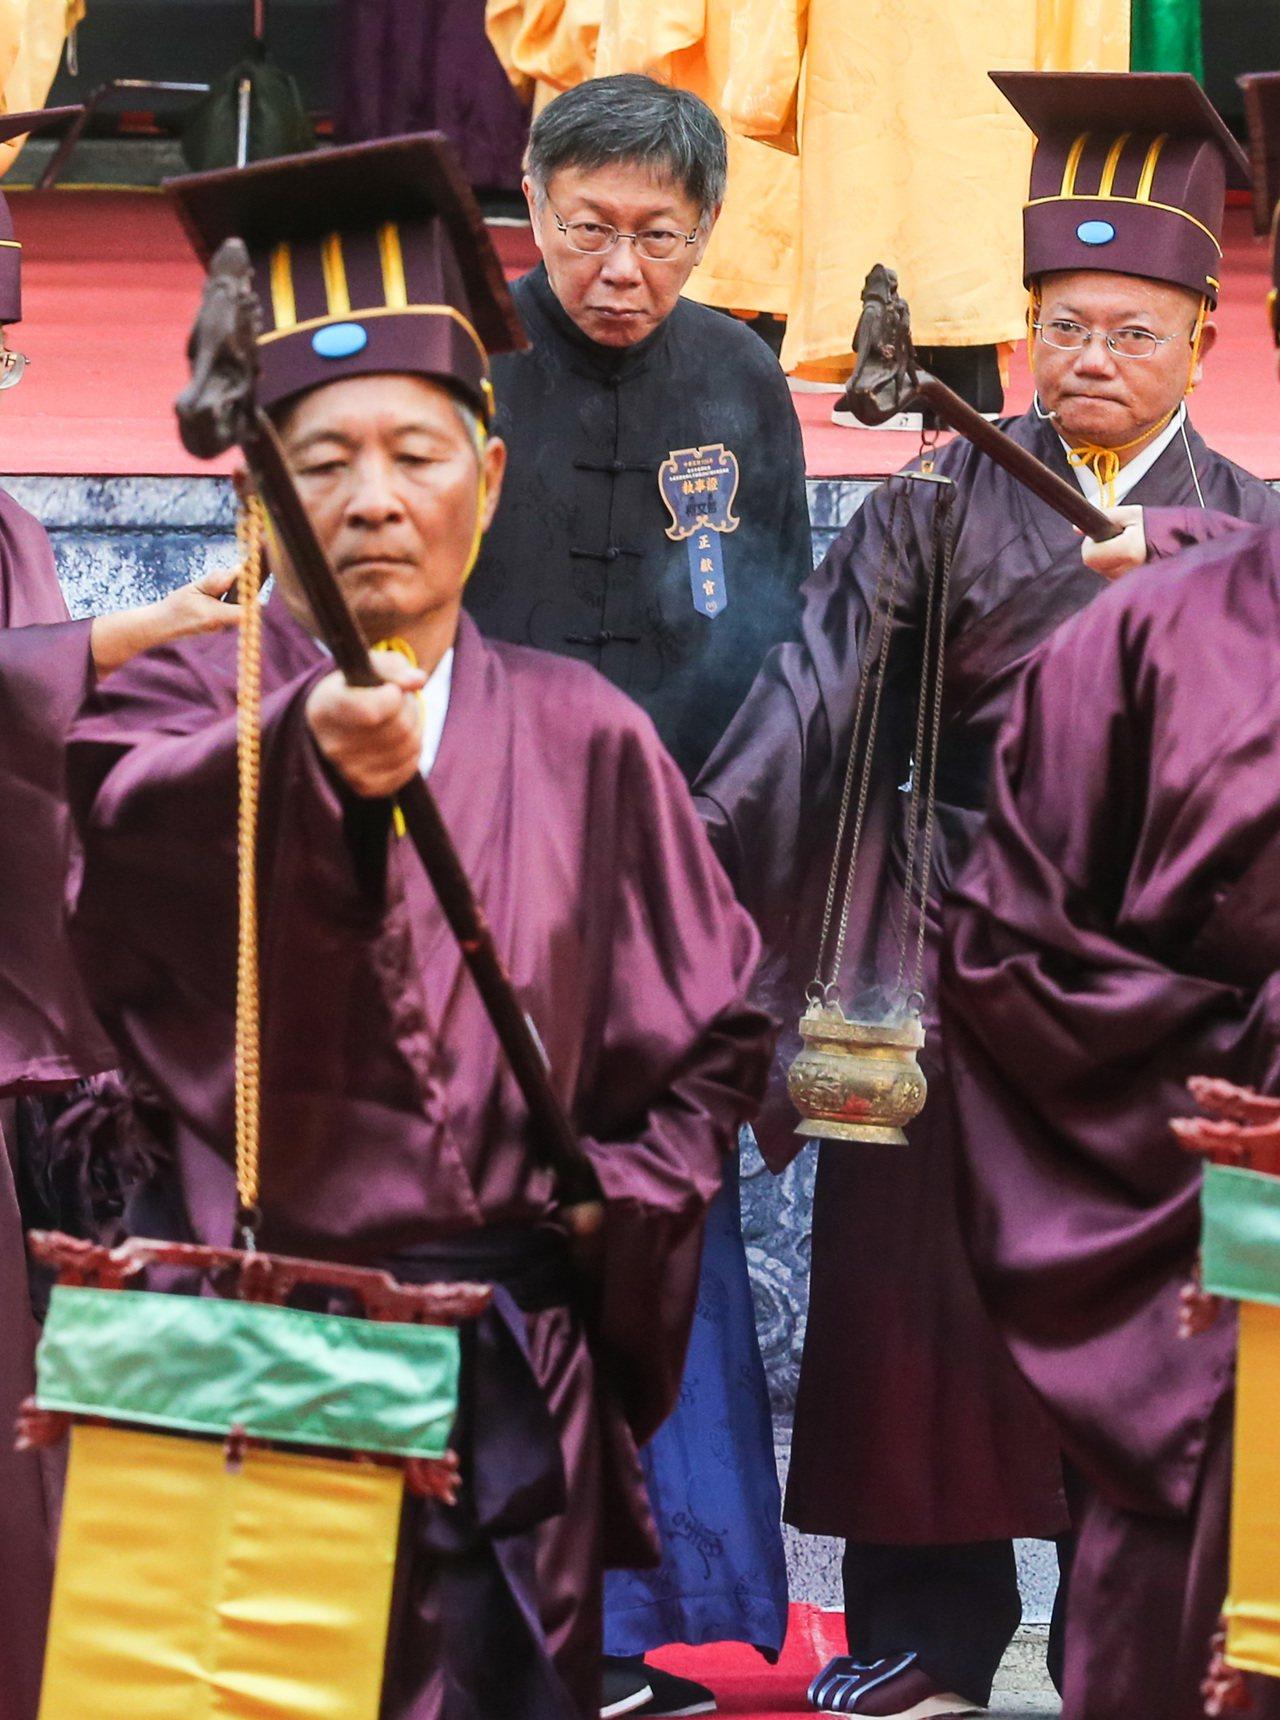 台北市長柯文哲(中)今年首度出席擔任典禮正獻官。記者鄭清元/攝影